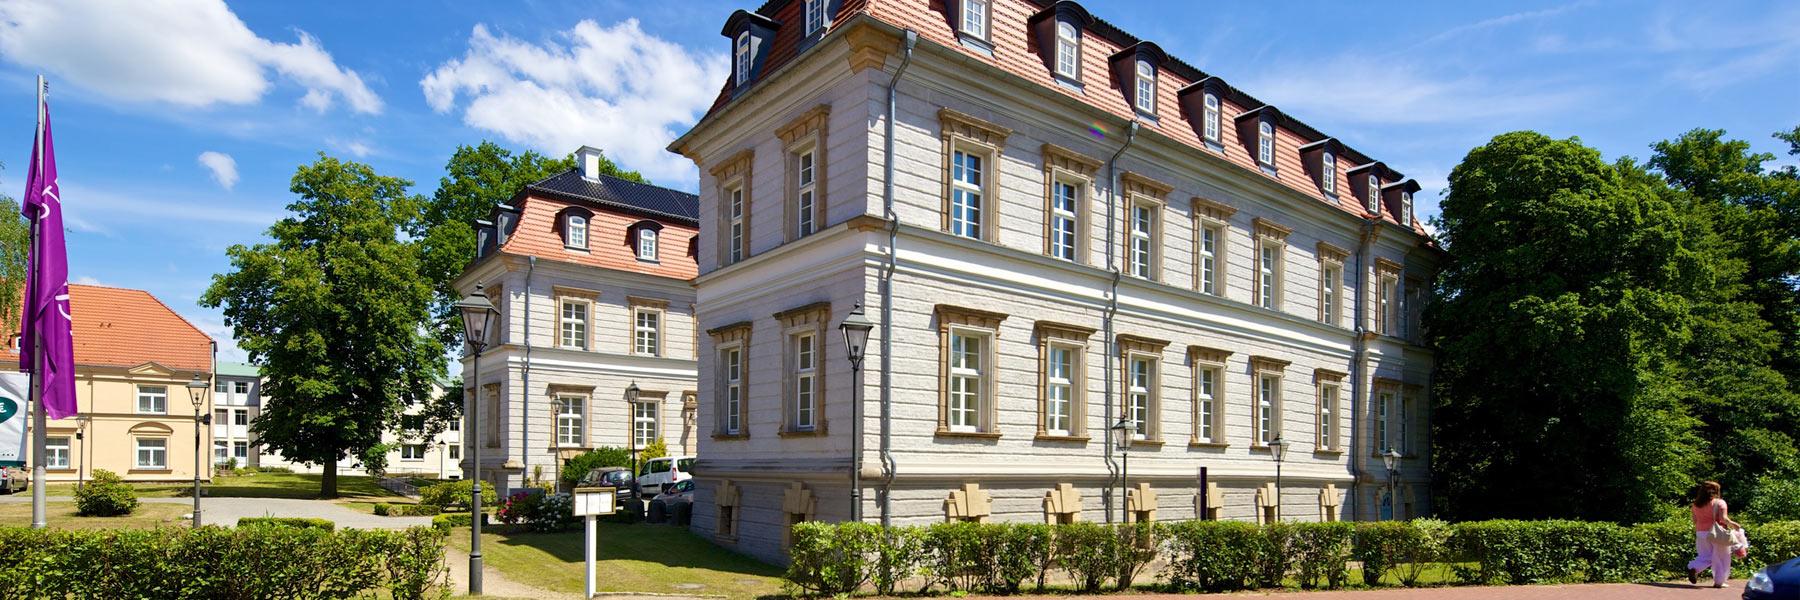 Schloss - Stadtverwaltung Neustadt-Glewe